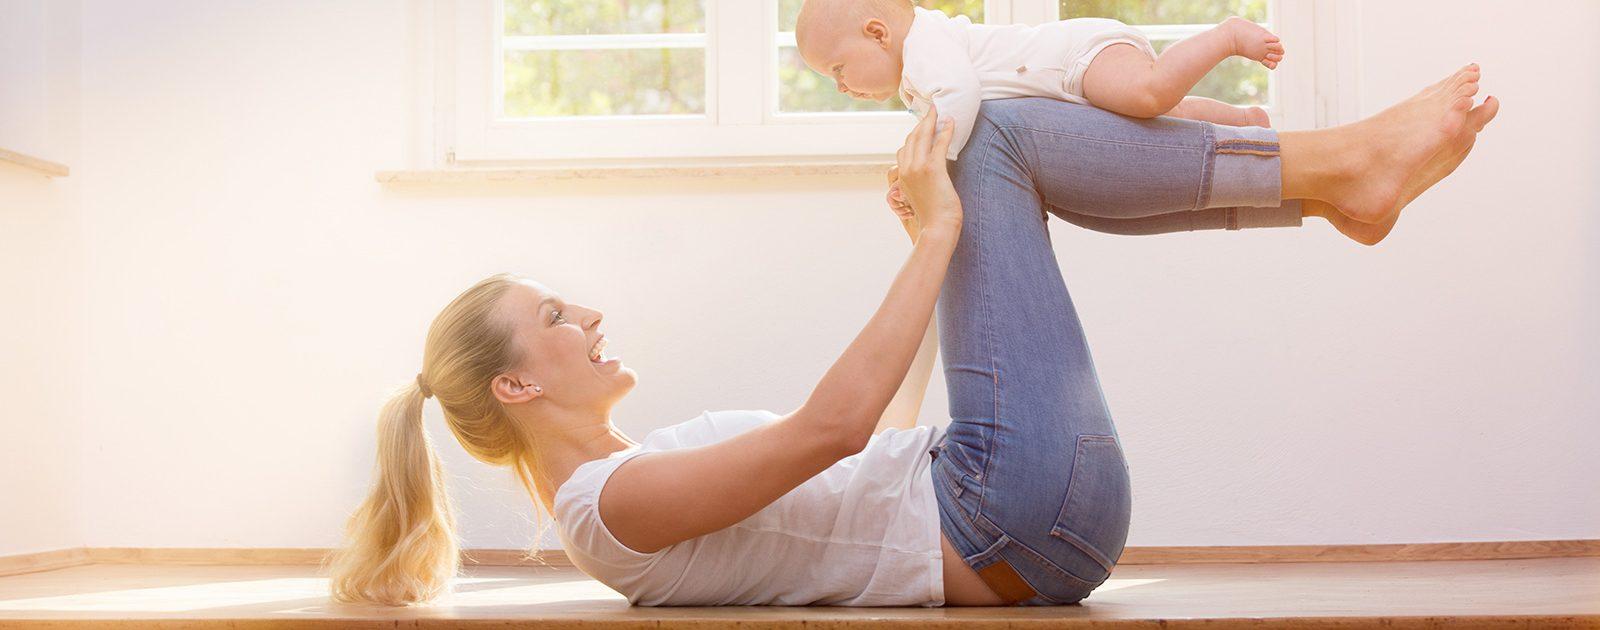 Mutter mit Baby bei Übungen zur Rückbildung